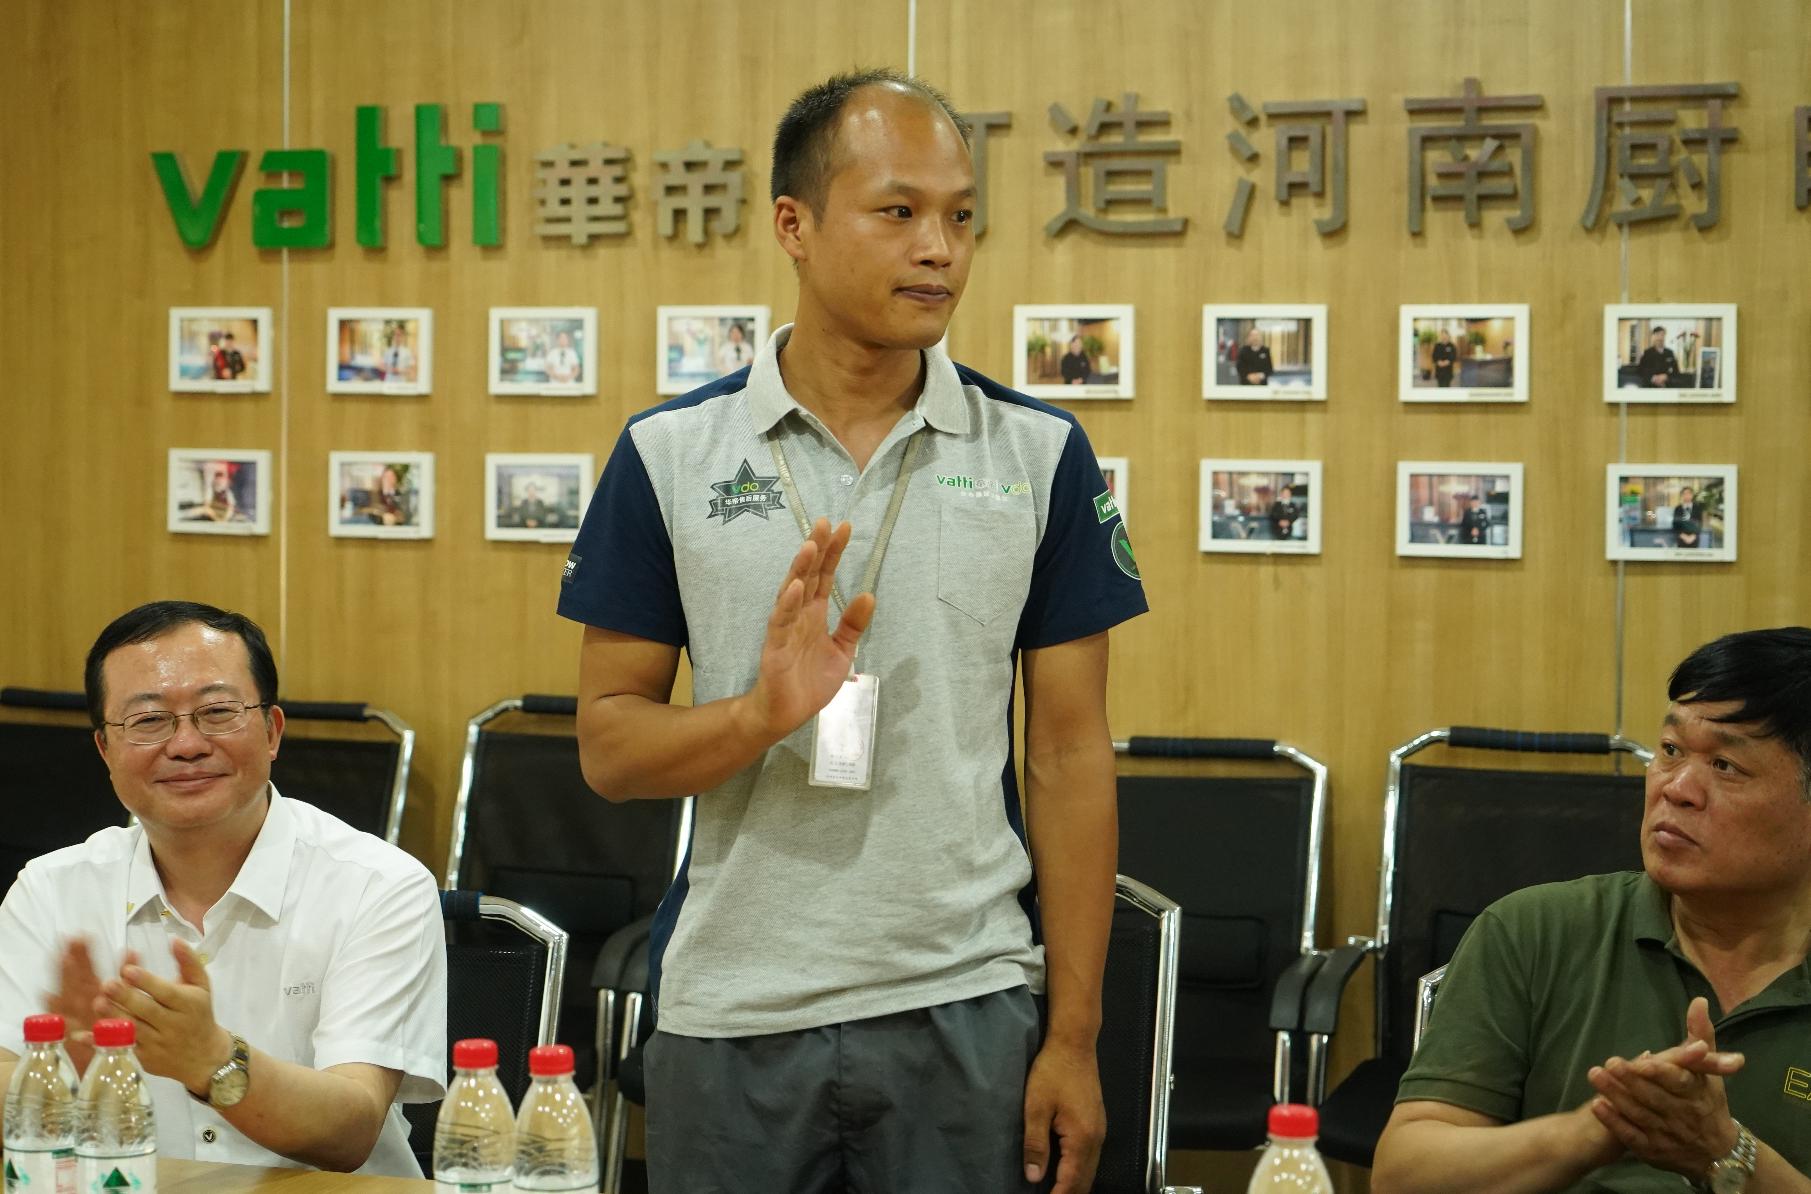 暴雨中勇救5名落水者 郑州男子被奖励一辆车和5万元